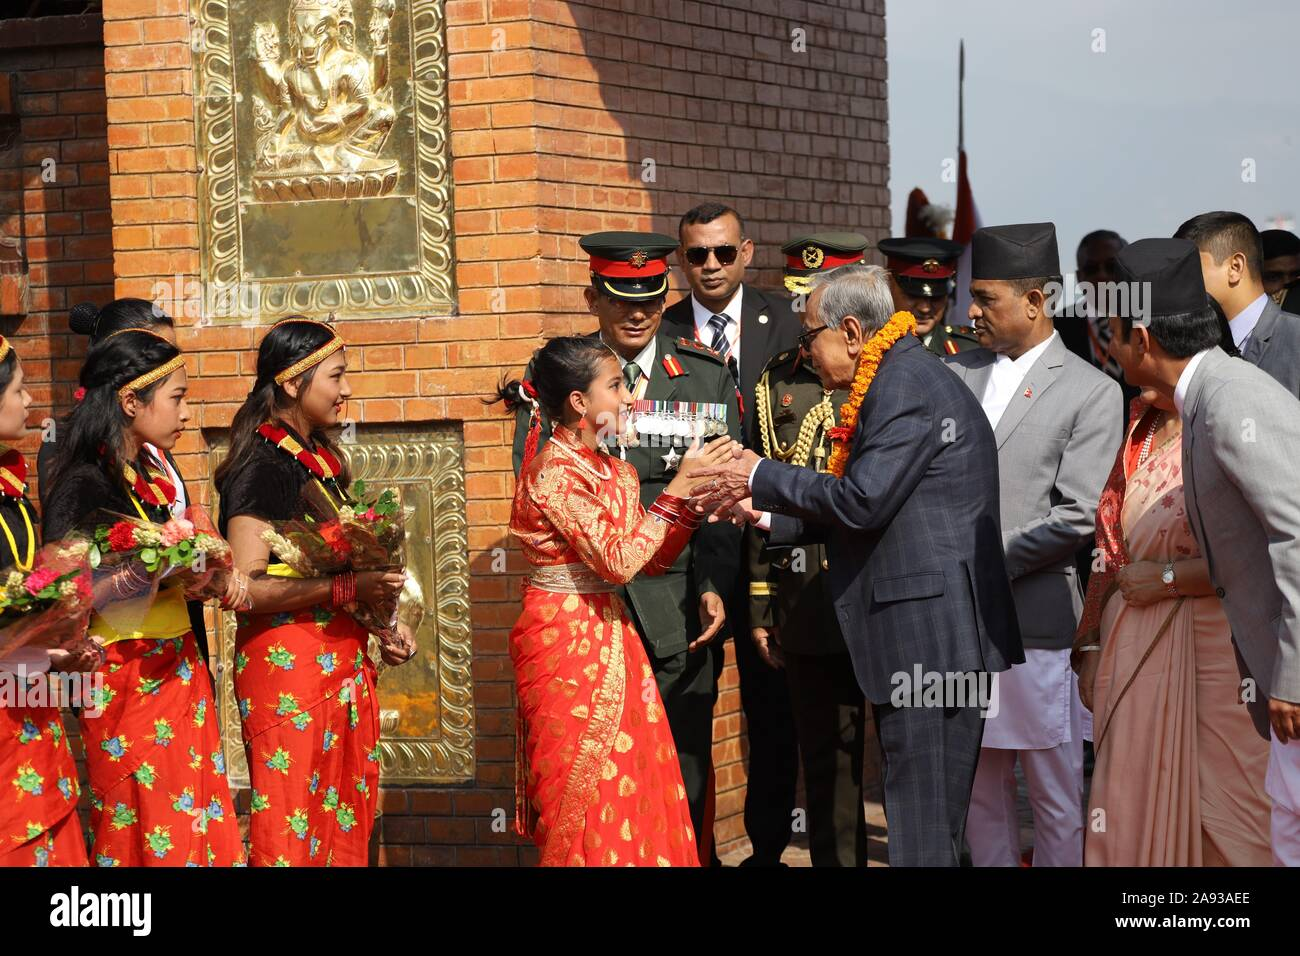 Katmandú, Nepal. 12 Nov, 2019. Los niños nepaleses dando garland al Presidente de Bangladesh, Abdul Hamid durante la ceremonia de bienvenida en el Aeropuerto Internacional de Tribhuvan, en Katmandú (Nepal) el martes, 12 de noviembre de 2019. El Presidente de Bangladesh, Abdul Hamid está en una buena voluntad oficial de cuatro días de visita a Nepal, a invitación del Presidente de Nepal Devi Bidhya Bhandari. (Foto por Subash Shrestha/Pacific Press) Crédito: Pacific Press Agency/Alamy Live News Foto de stock